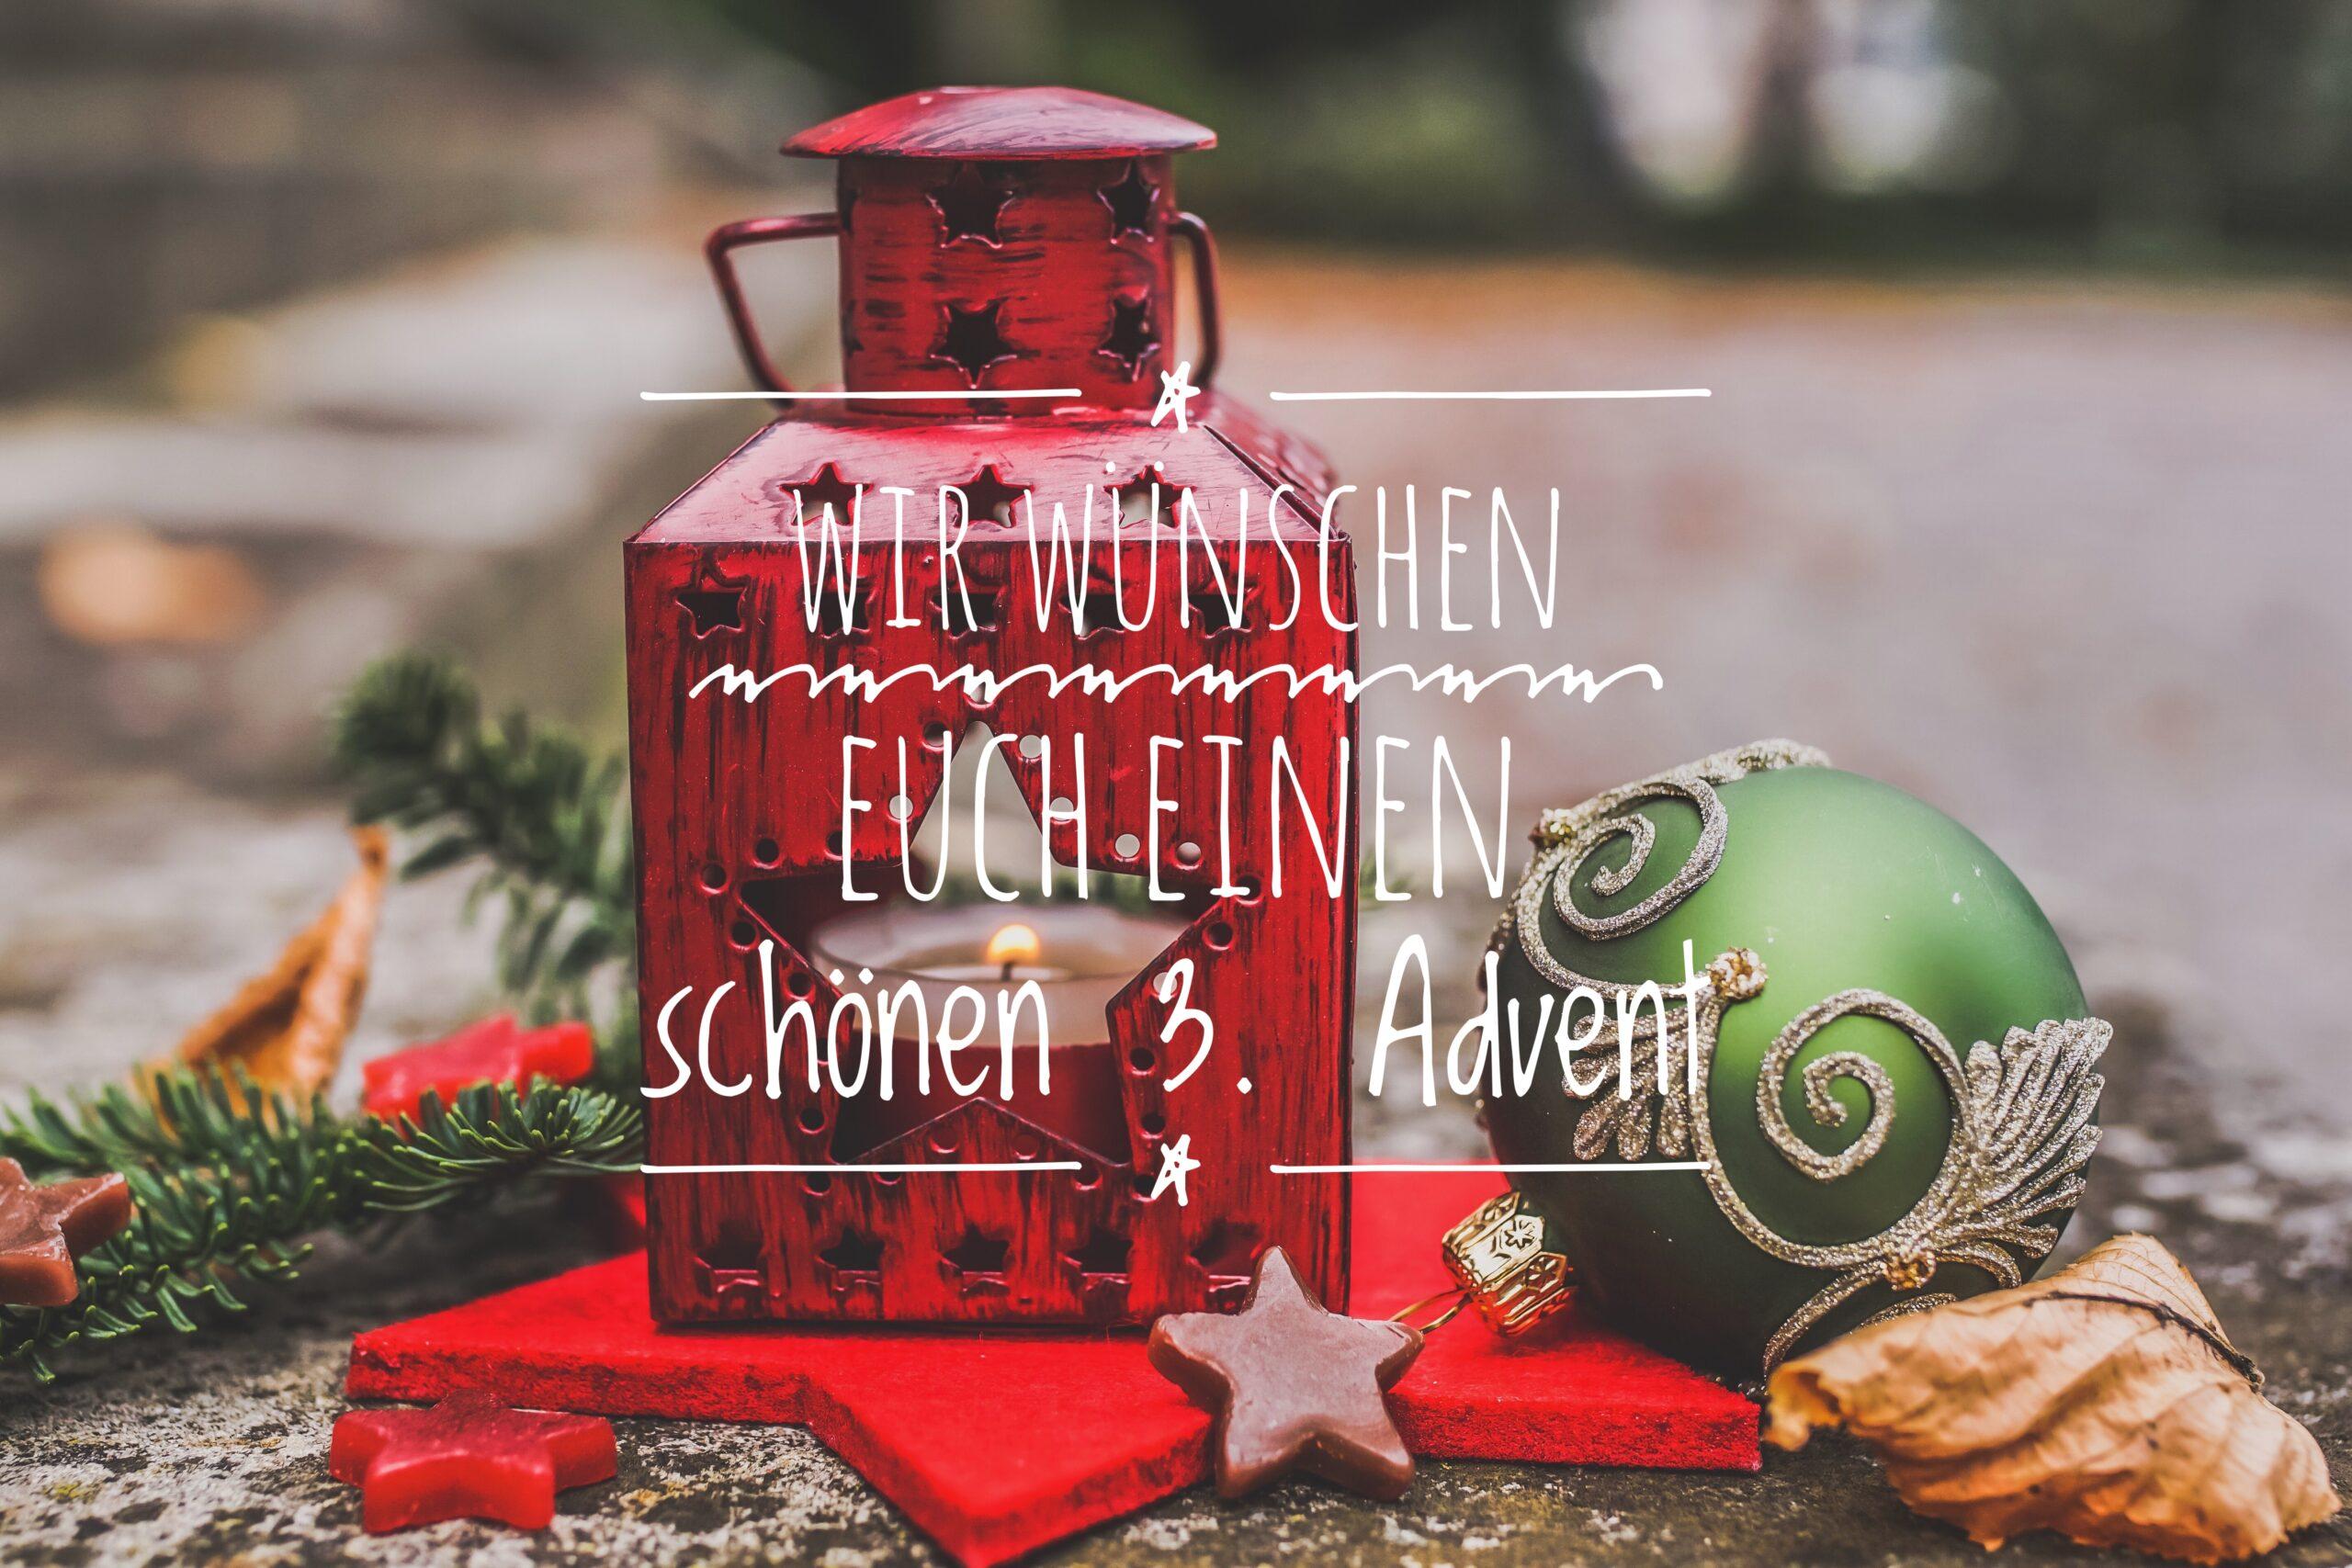 Wir wünschen Euch einen schönen 3. Advent